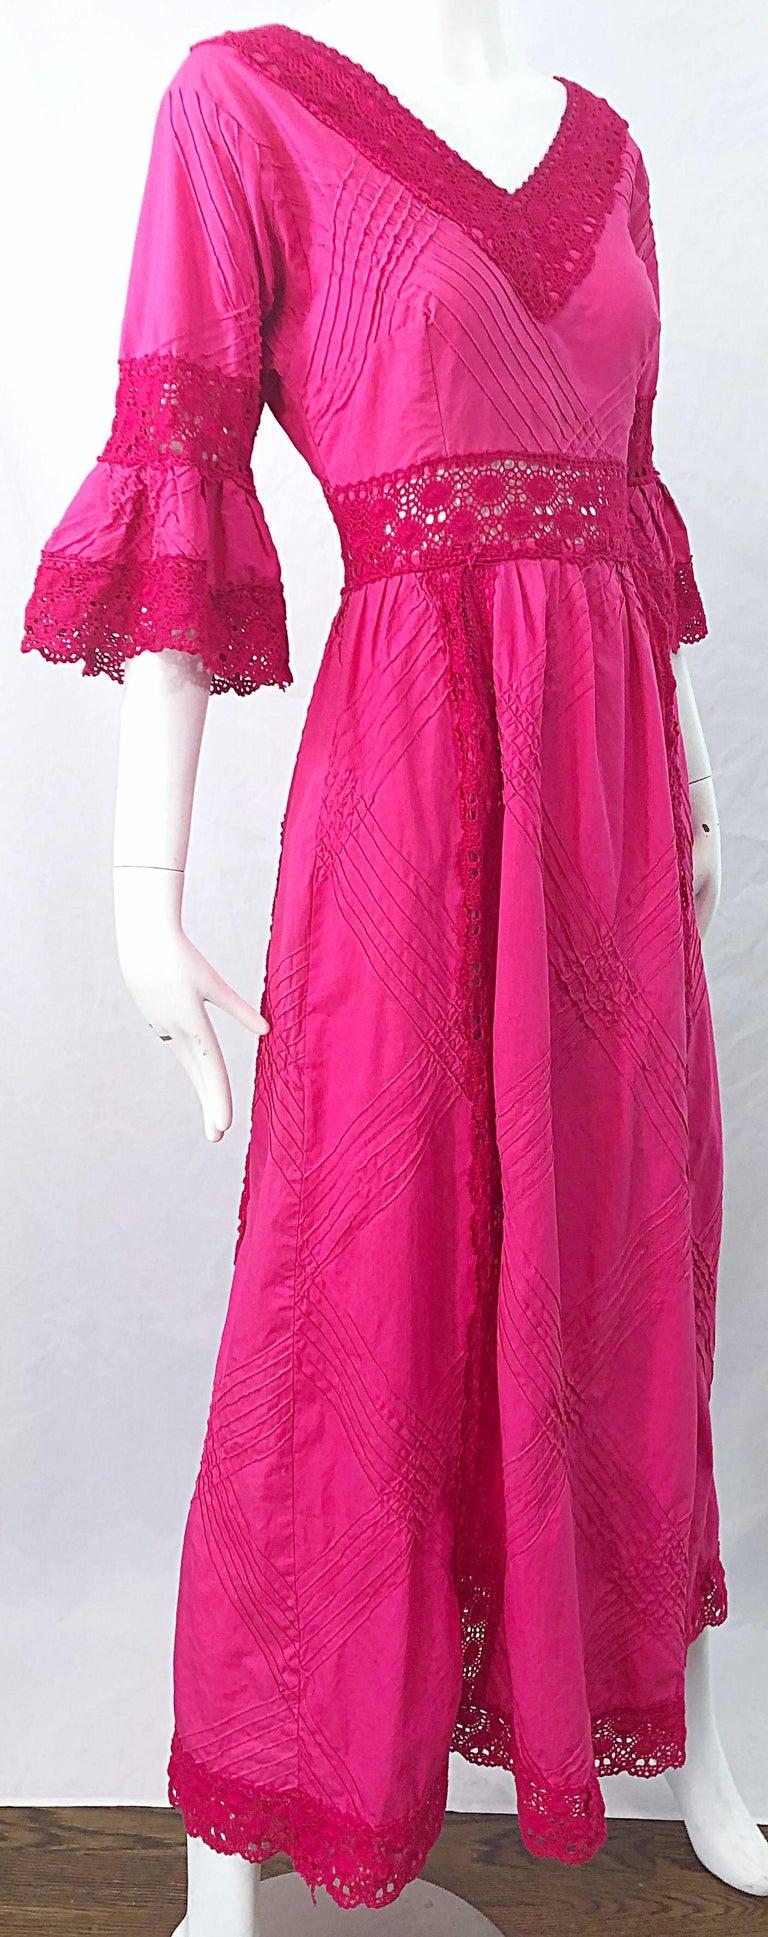 1970s Tachi Castillo Hot Pink Mexican Crochet Vintage Cotton 70s Maxi Dress For Sale 2